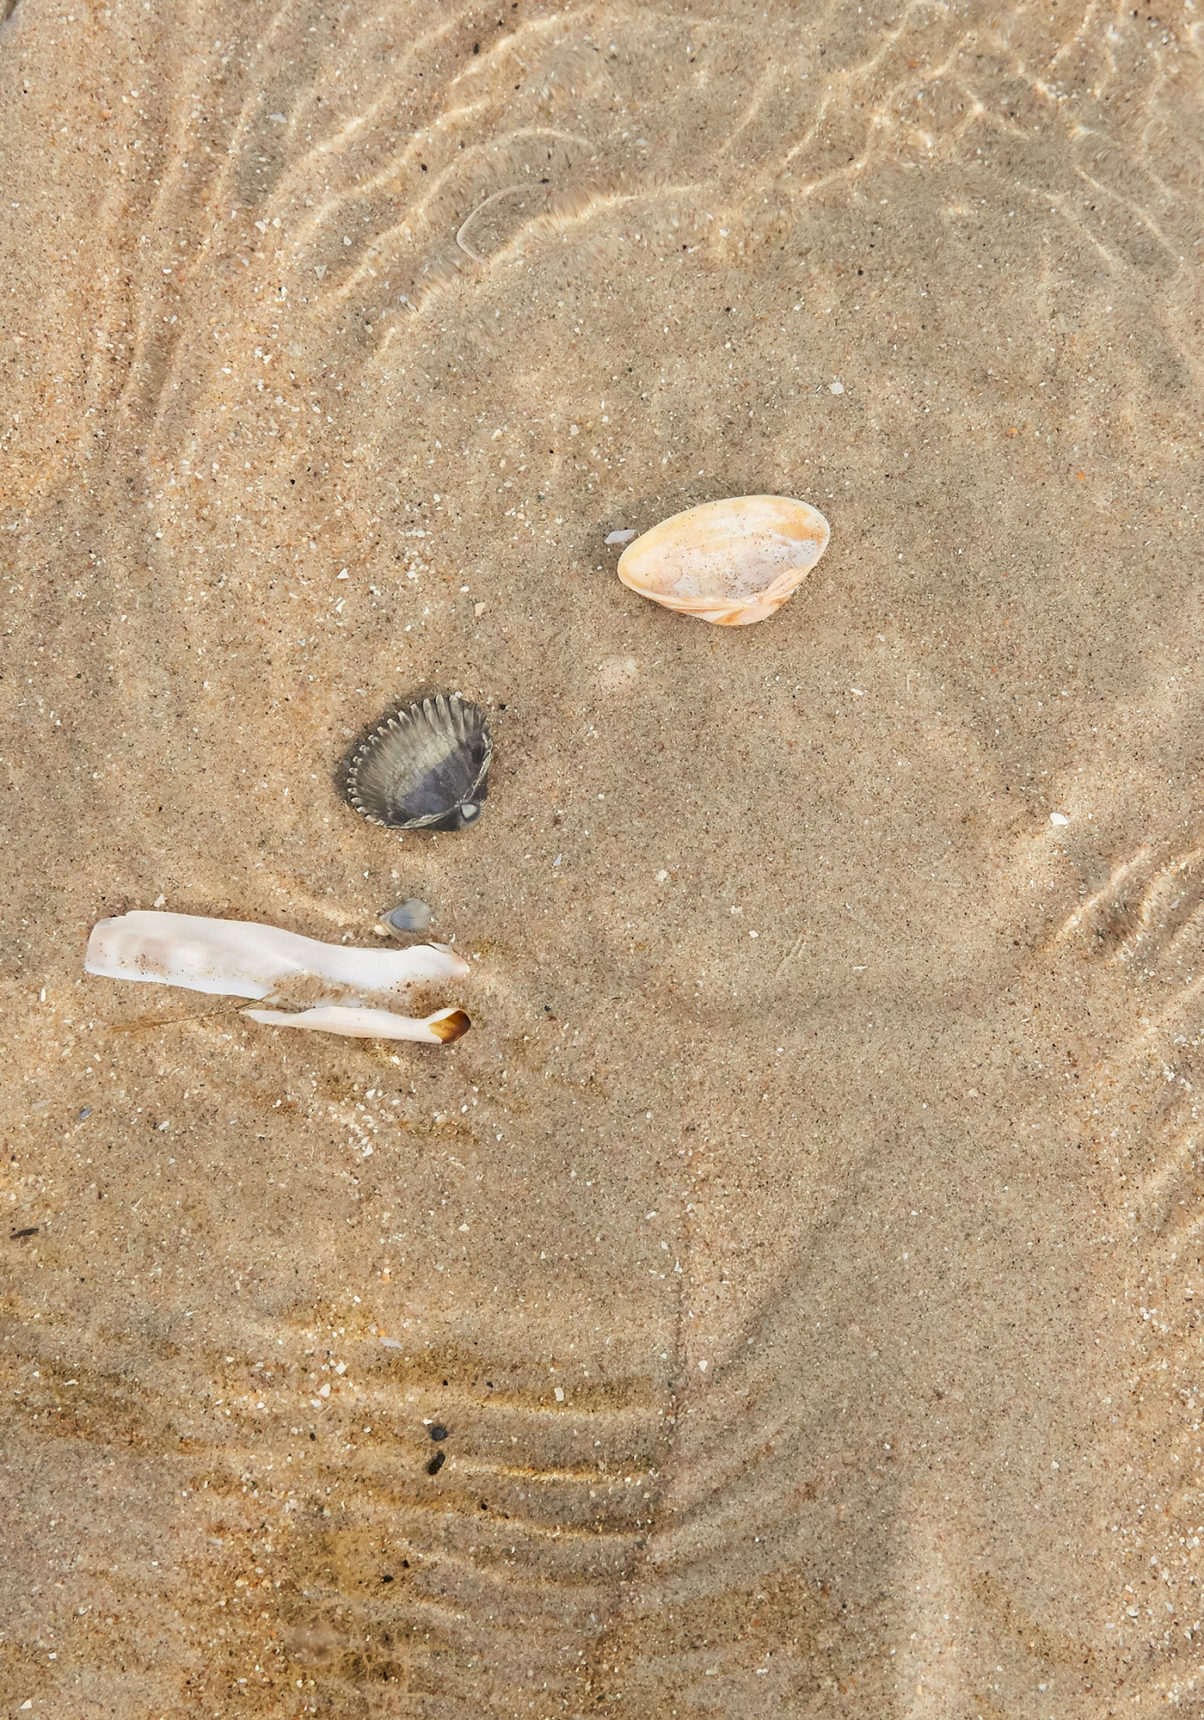 Shells at Noordwijk beach in the Netherlands